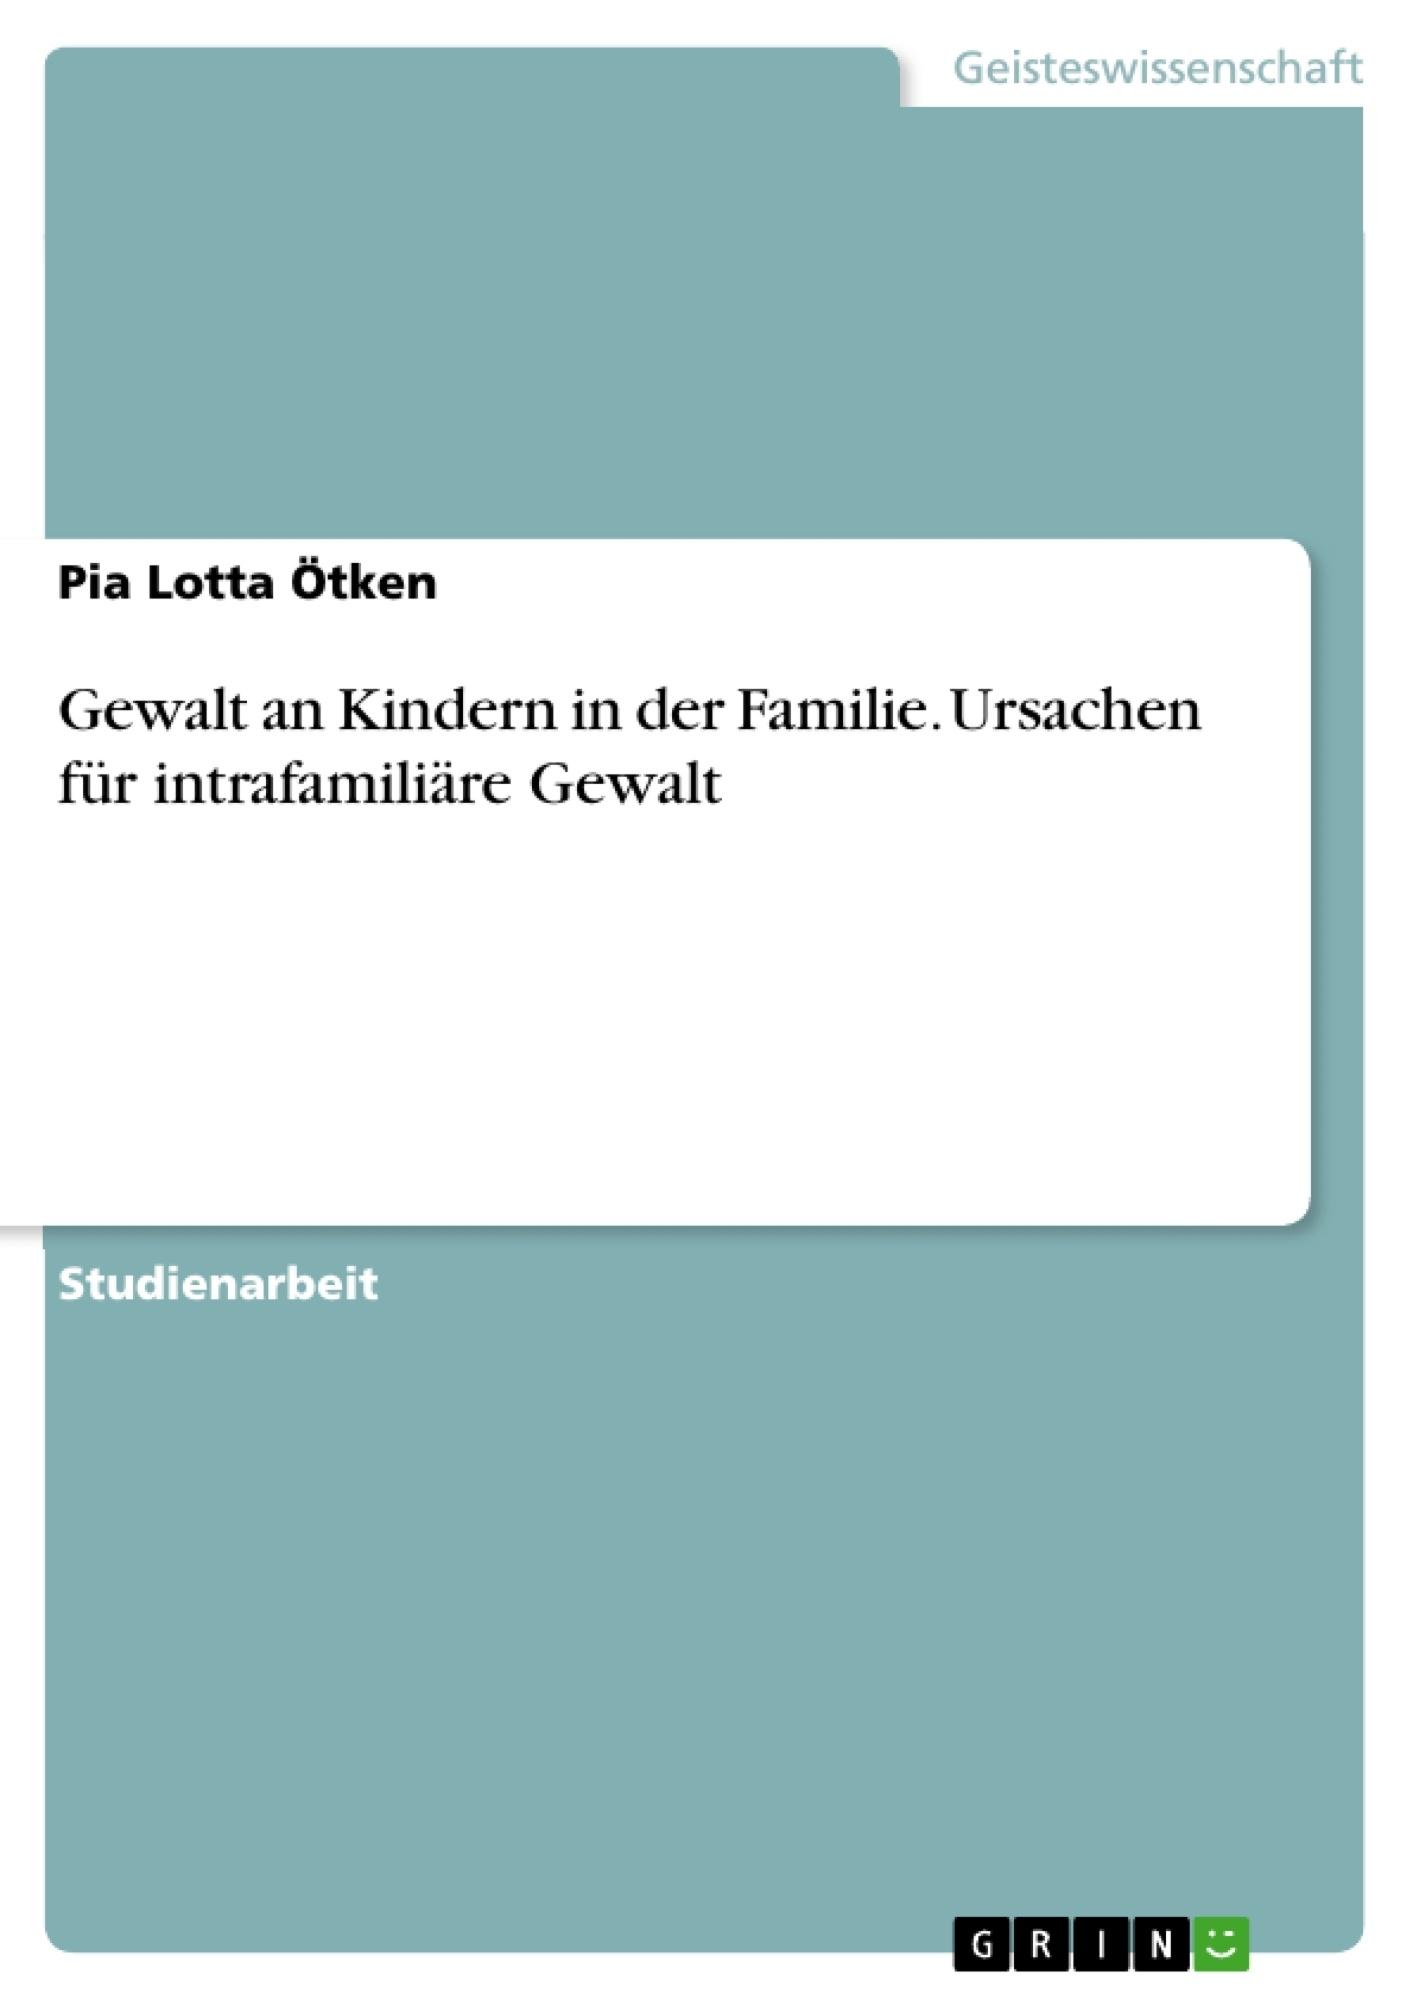 Titel: Gewalt an Kindern in der Familie. Ursachen für intrafamiliäre Gewalt